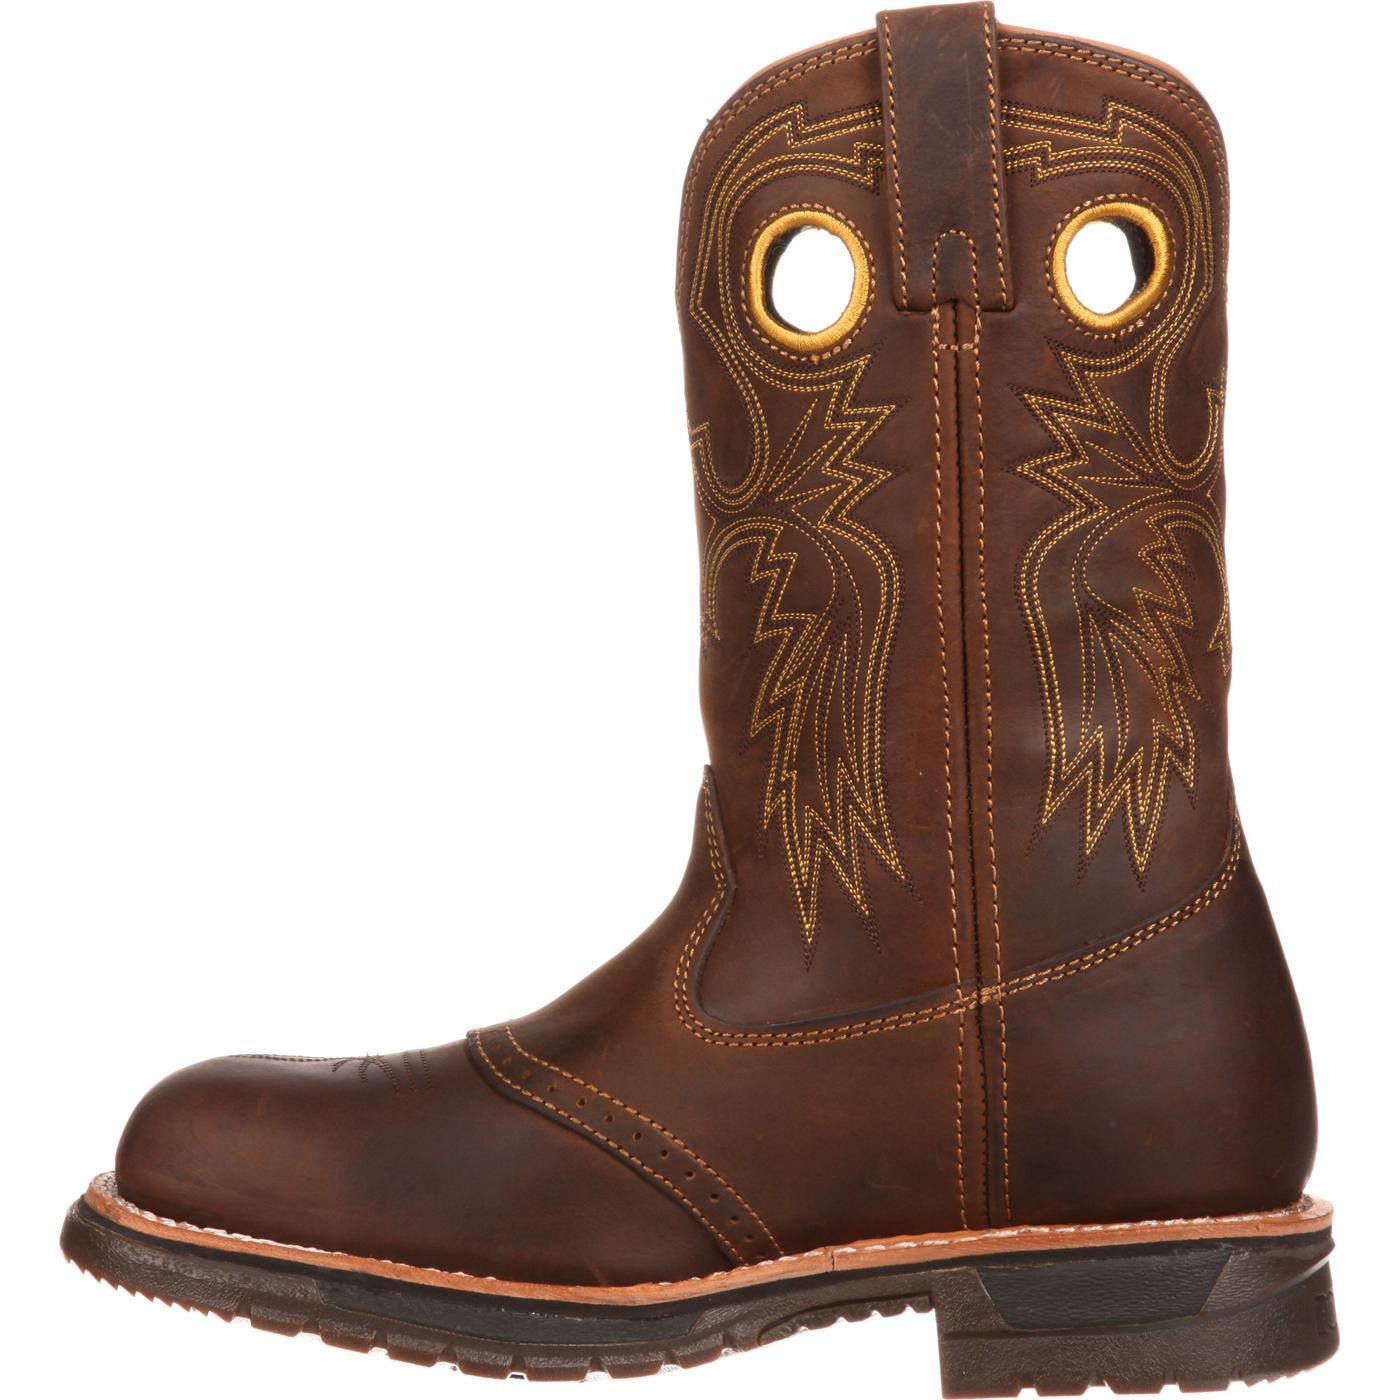 tienda oficial 100% de alta calidad mejores zapatos Bota de trabajo vaquera con punta de acero Rocky Original Ride